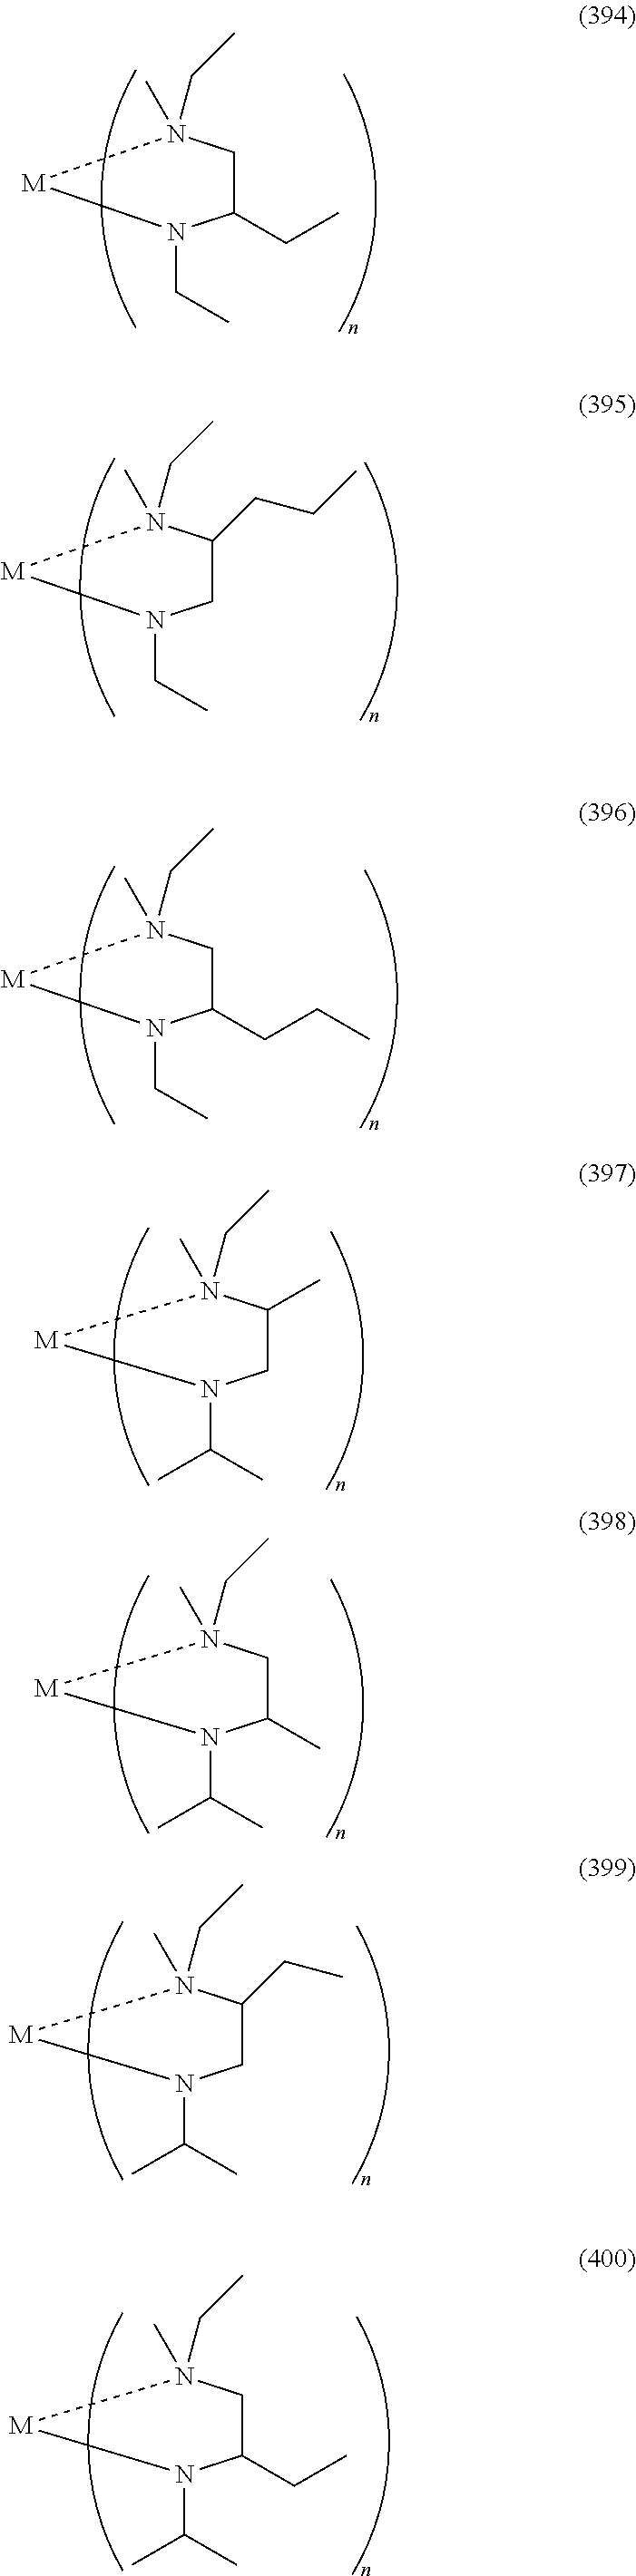 Figure US08871304-20141028-C00075